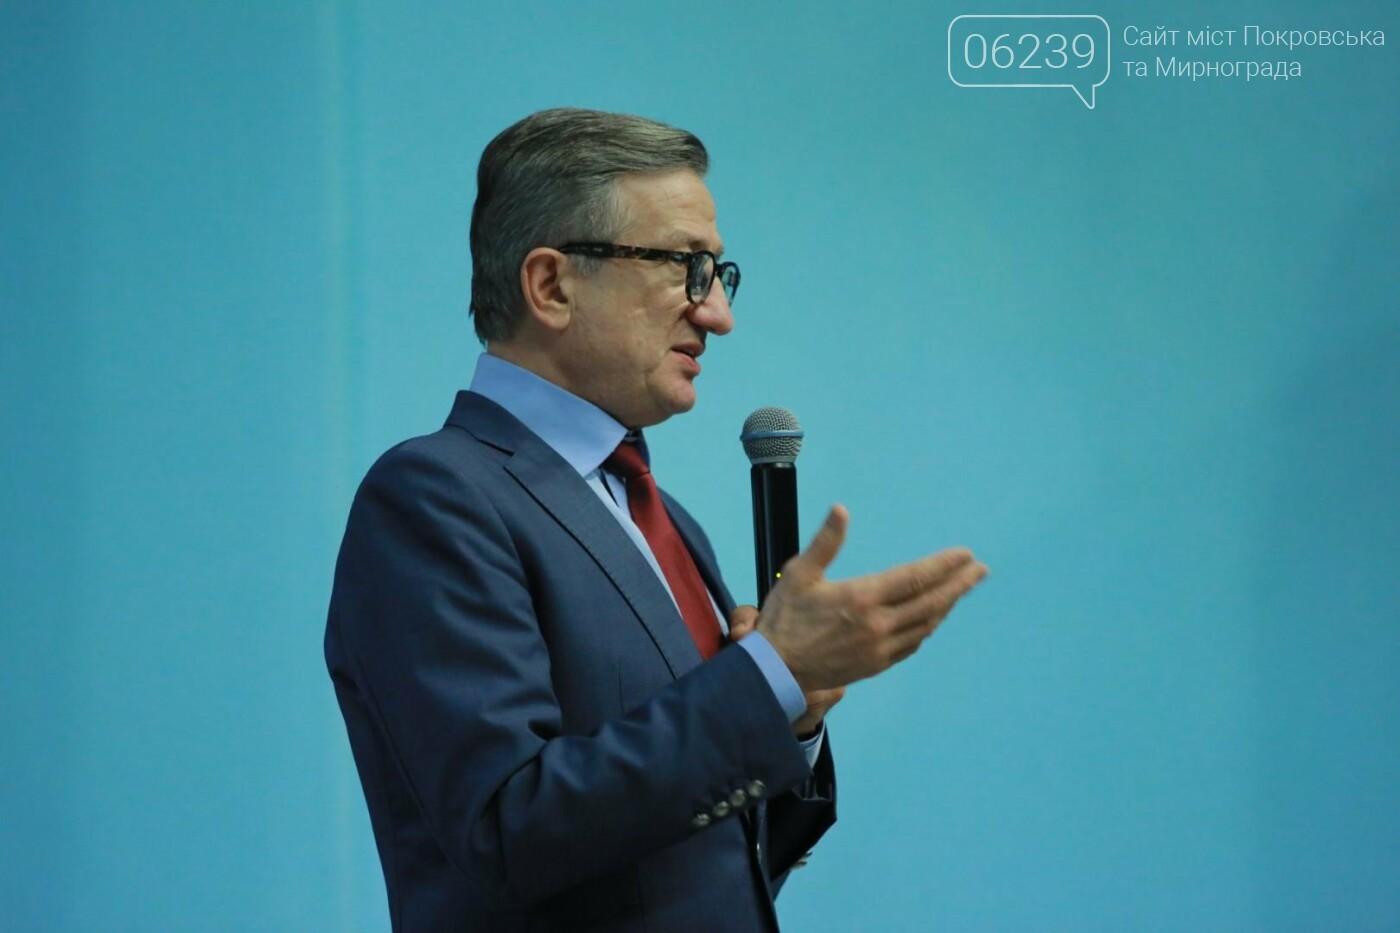 Кандидат на пост Президента Украины Сергей Тарута посетил Покровск, фото-10